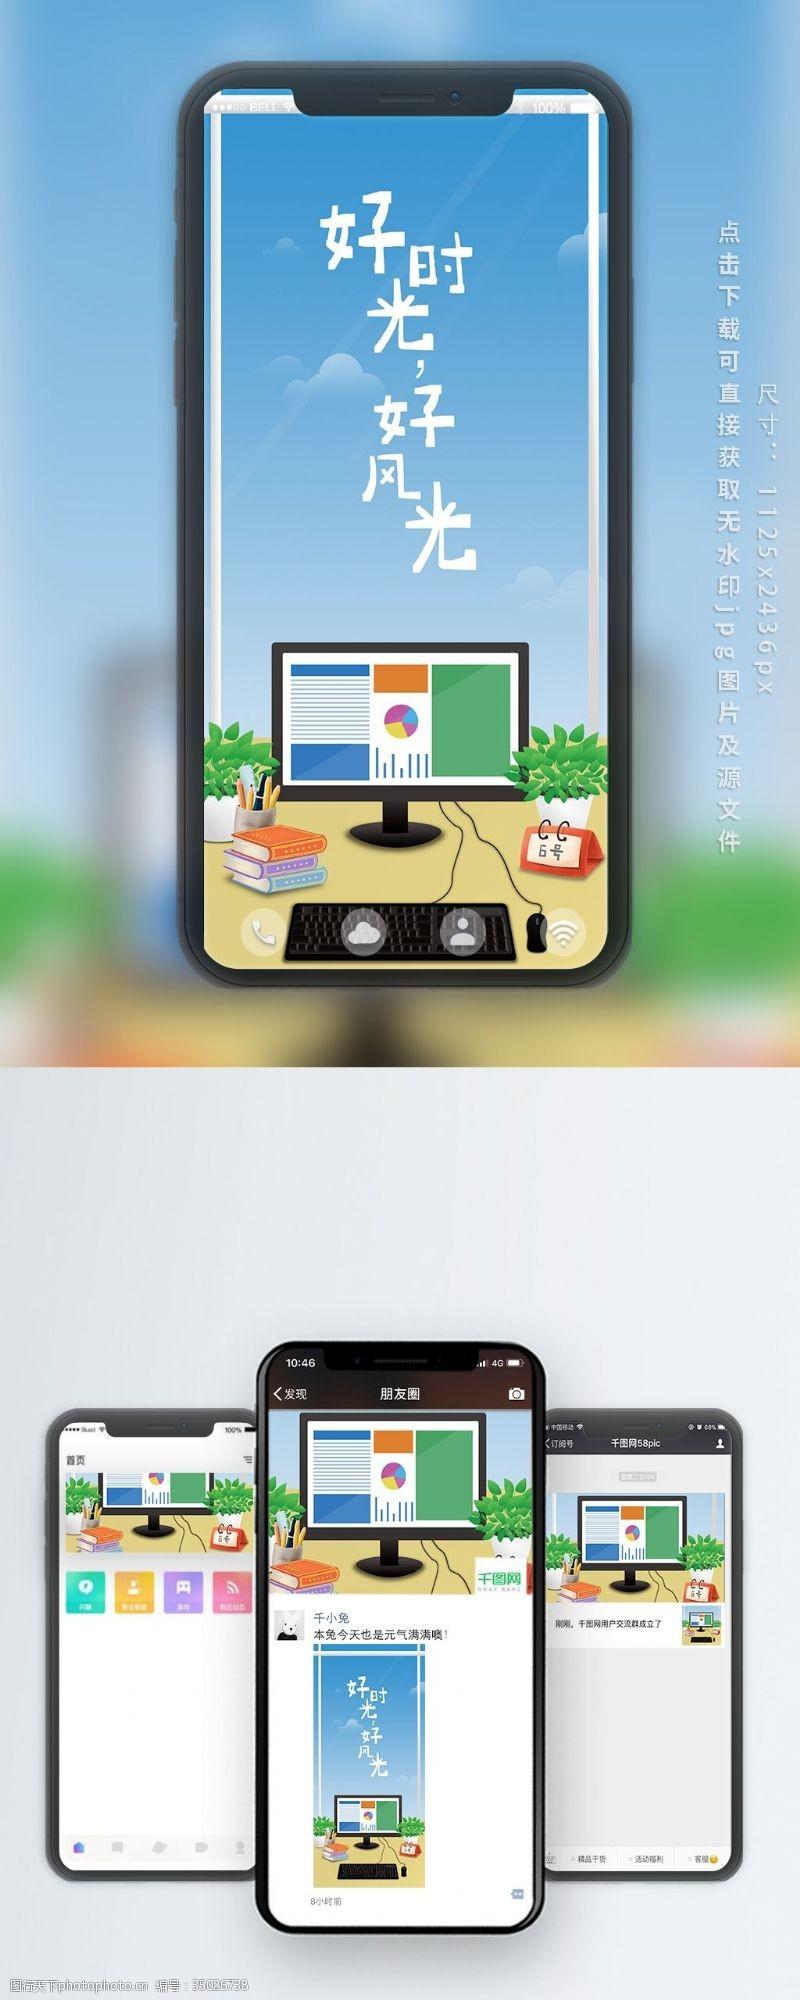 工作手机微信配图